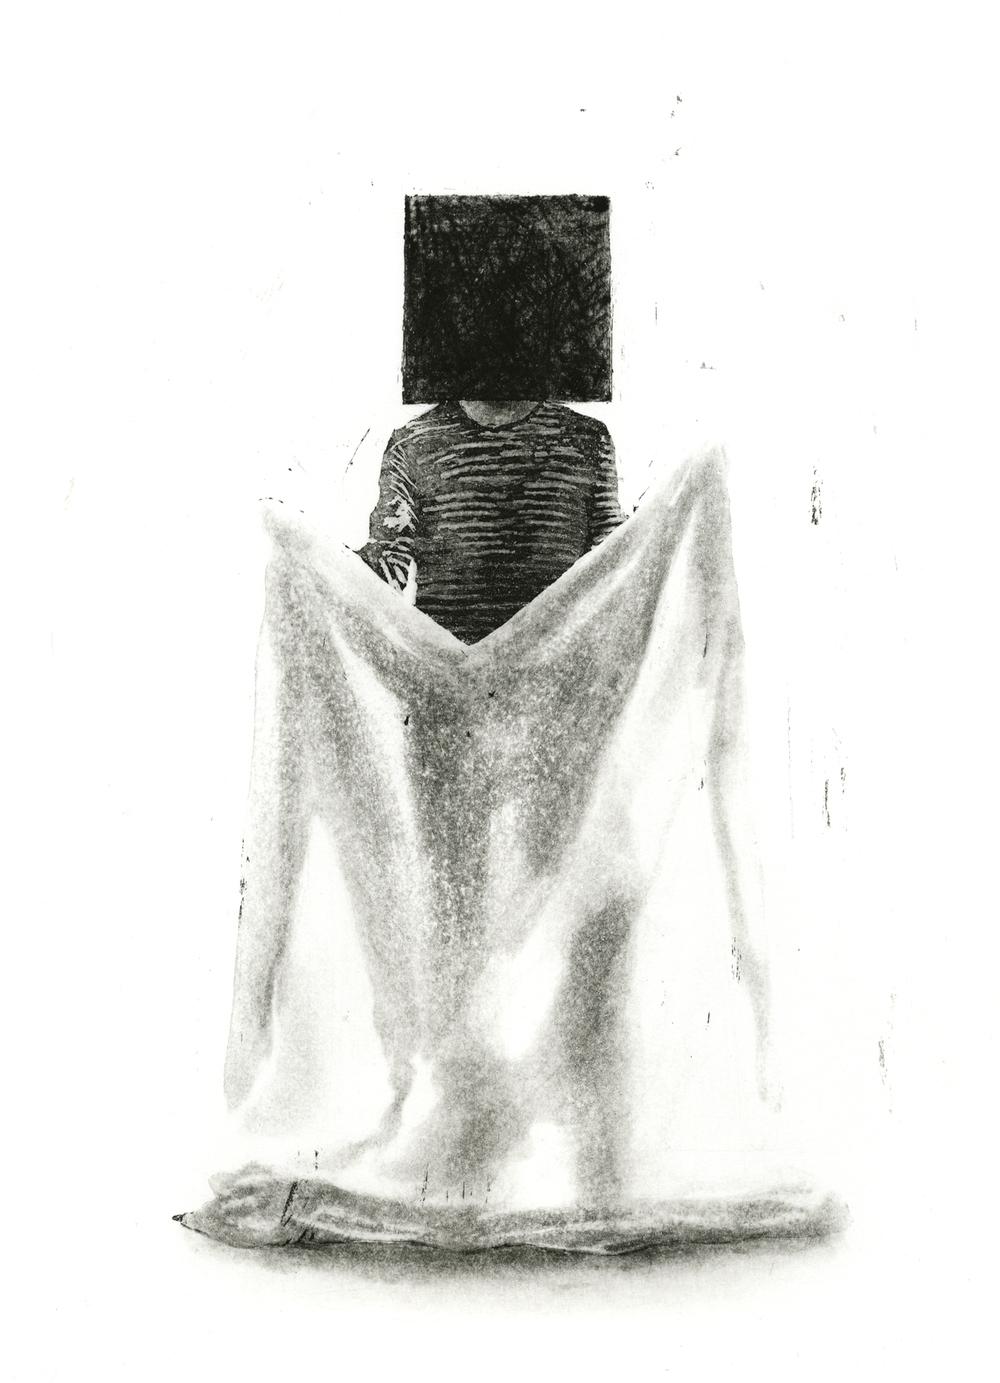 Taiteilija oli paljastaa viiksensä  2010